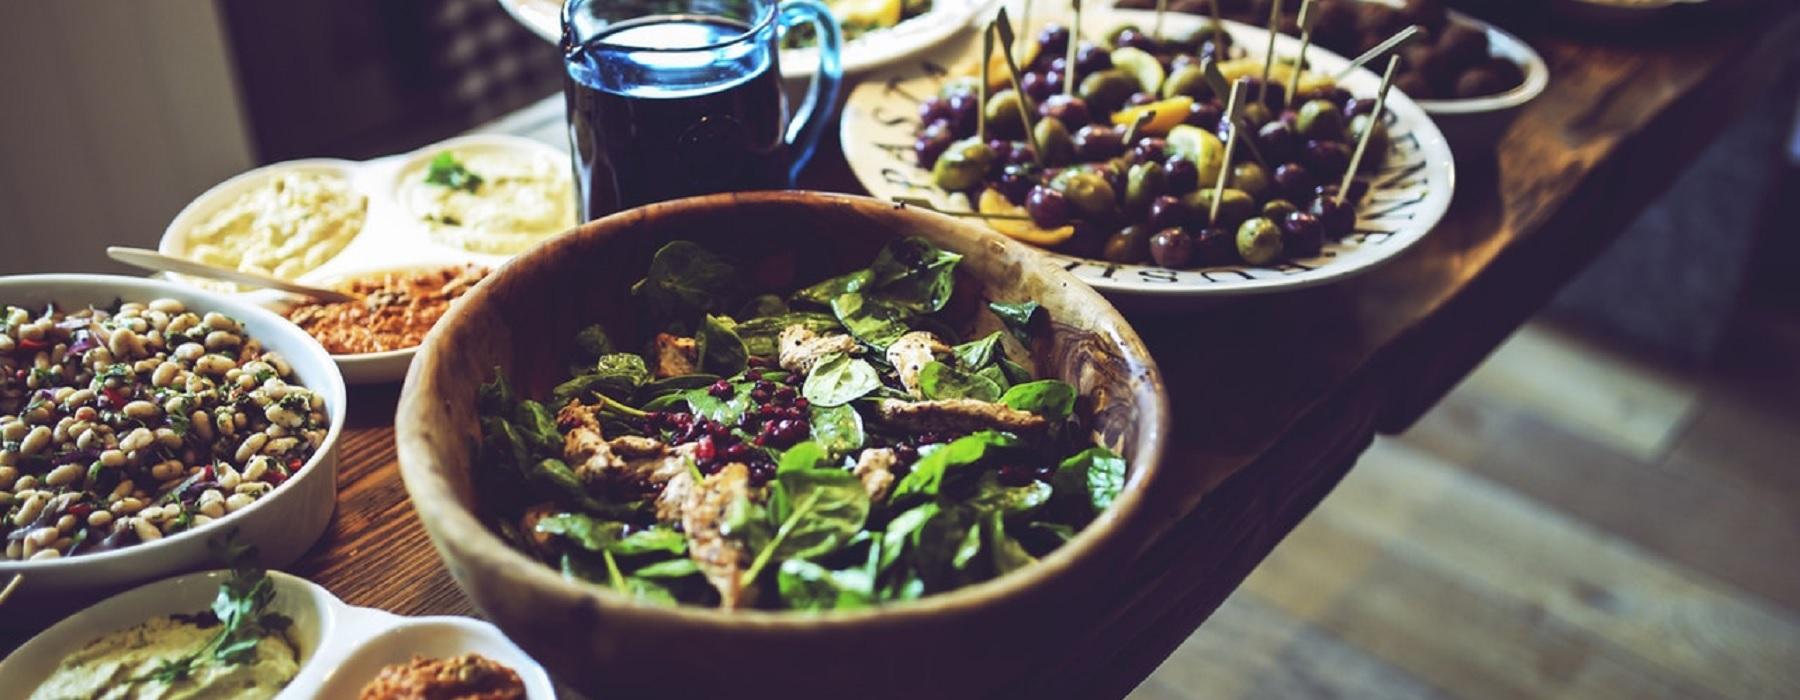 טבעונים נהנים יותר – 3 ארוחות בריאות לאחר החזרה לשגרה – header 1800-700